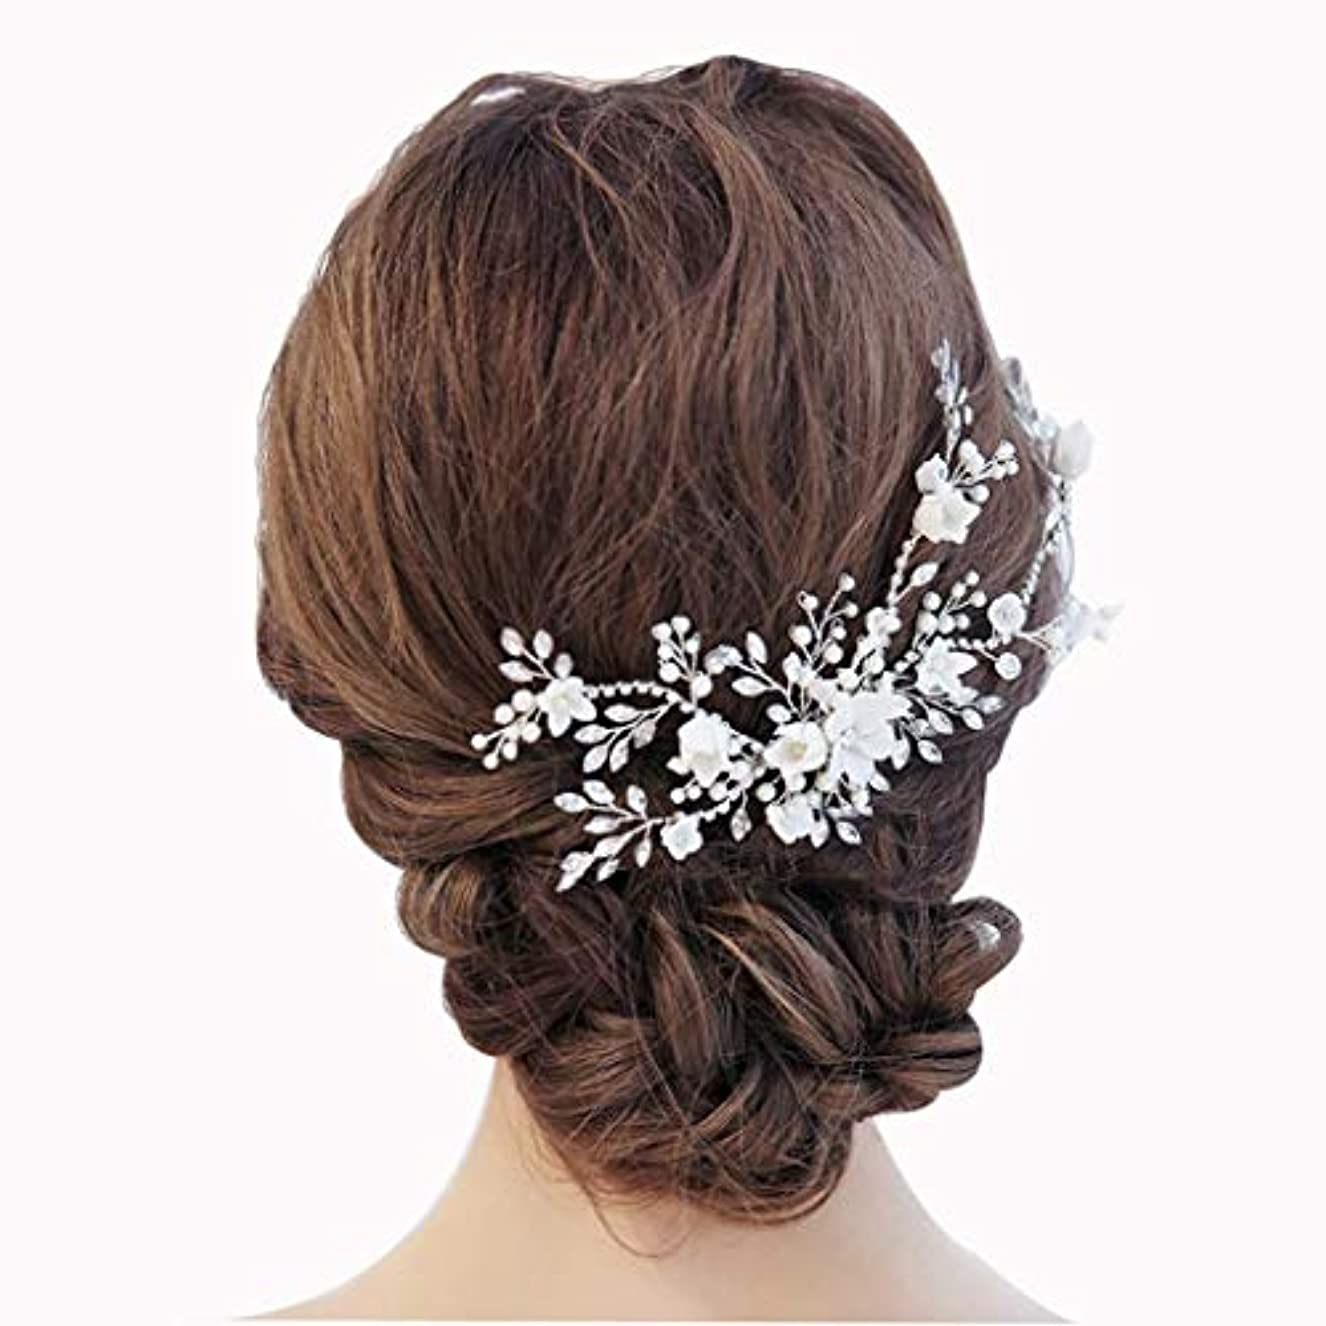 置き場スワップ彼らは手作りのガーランド、ブライダルヘッドドレススーパーフェアリーヘッドヘッドパールラインストーンジュエリー結婚式のアクセサリーヘアアクセサリー付きパールフラワーウェディング、パーティー